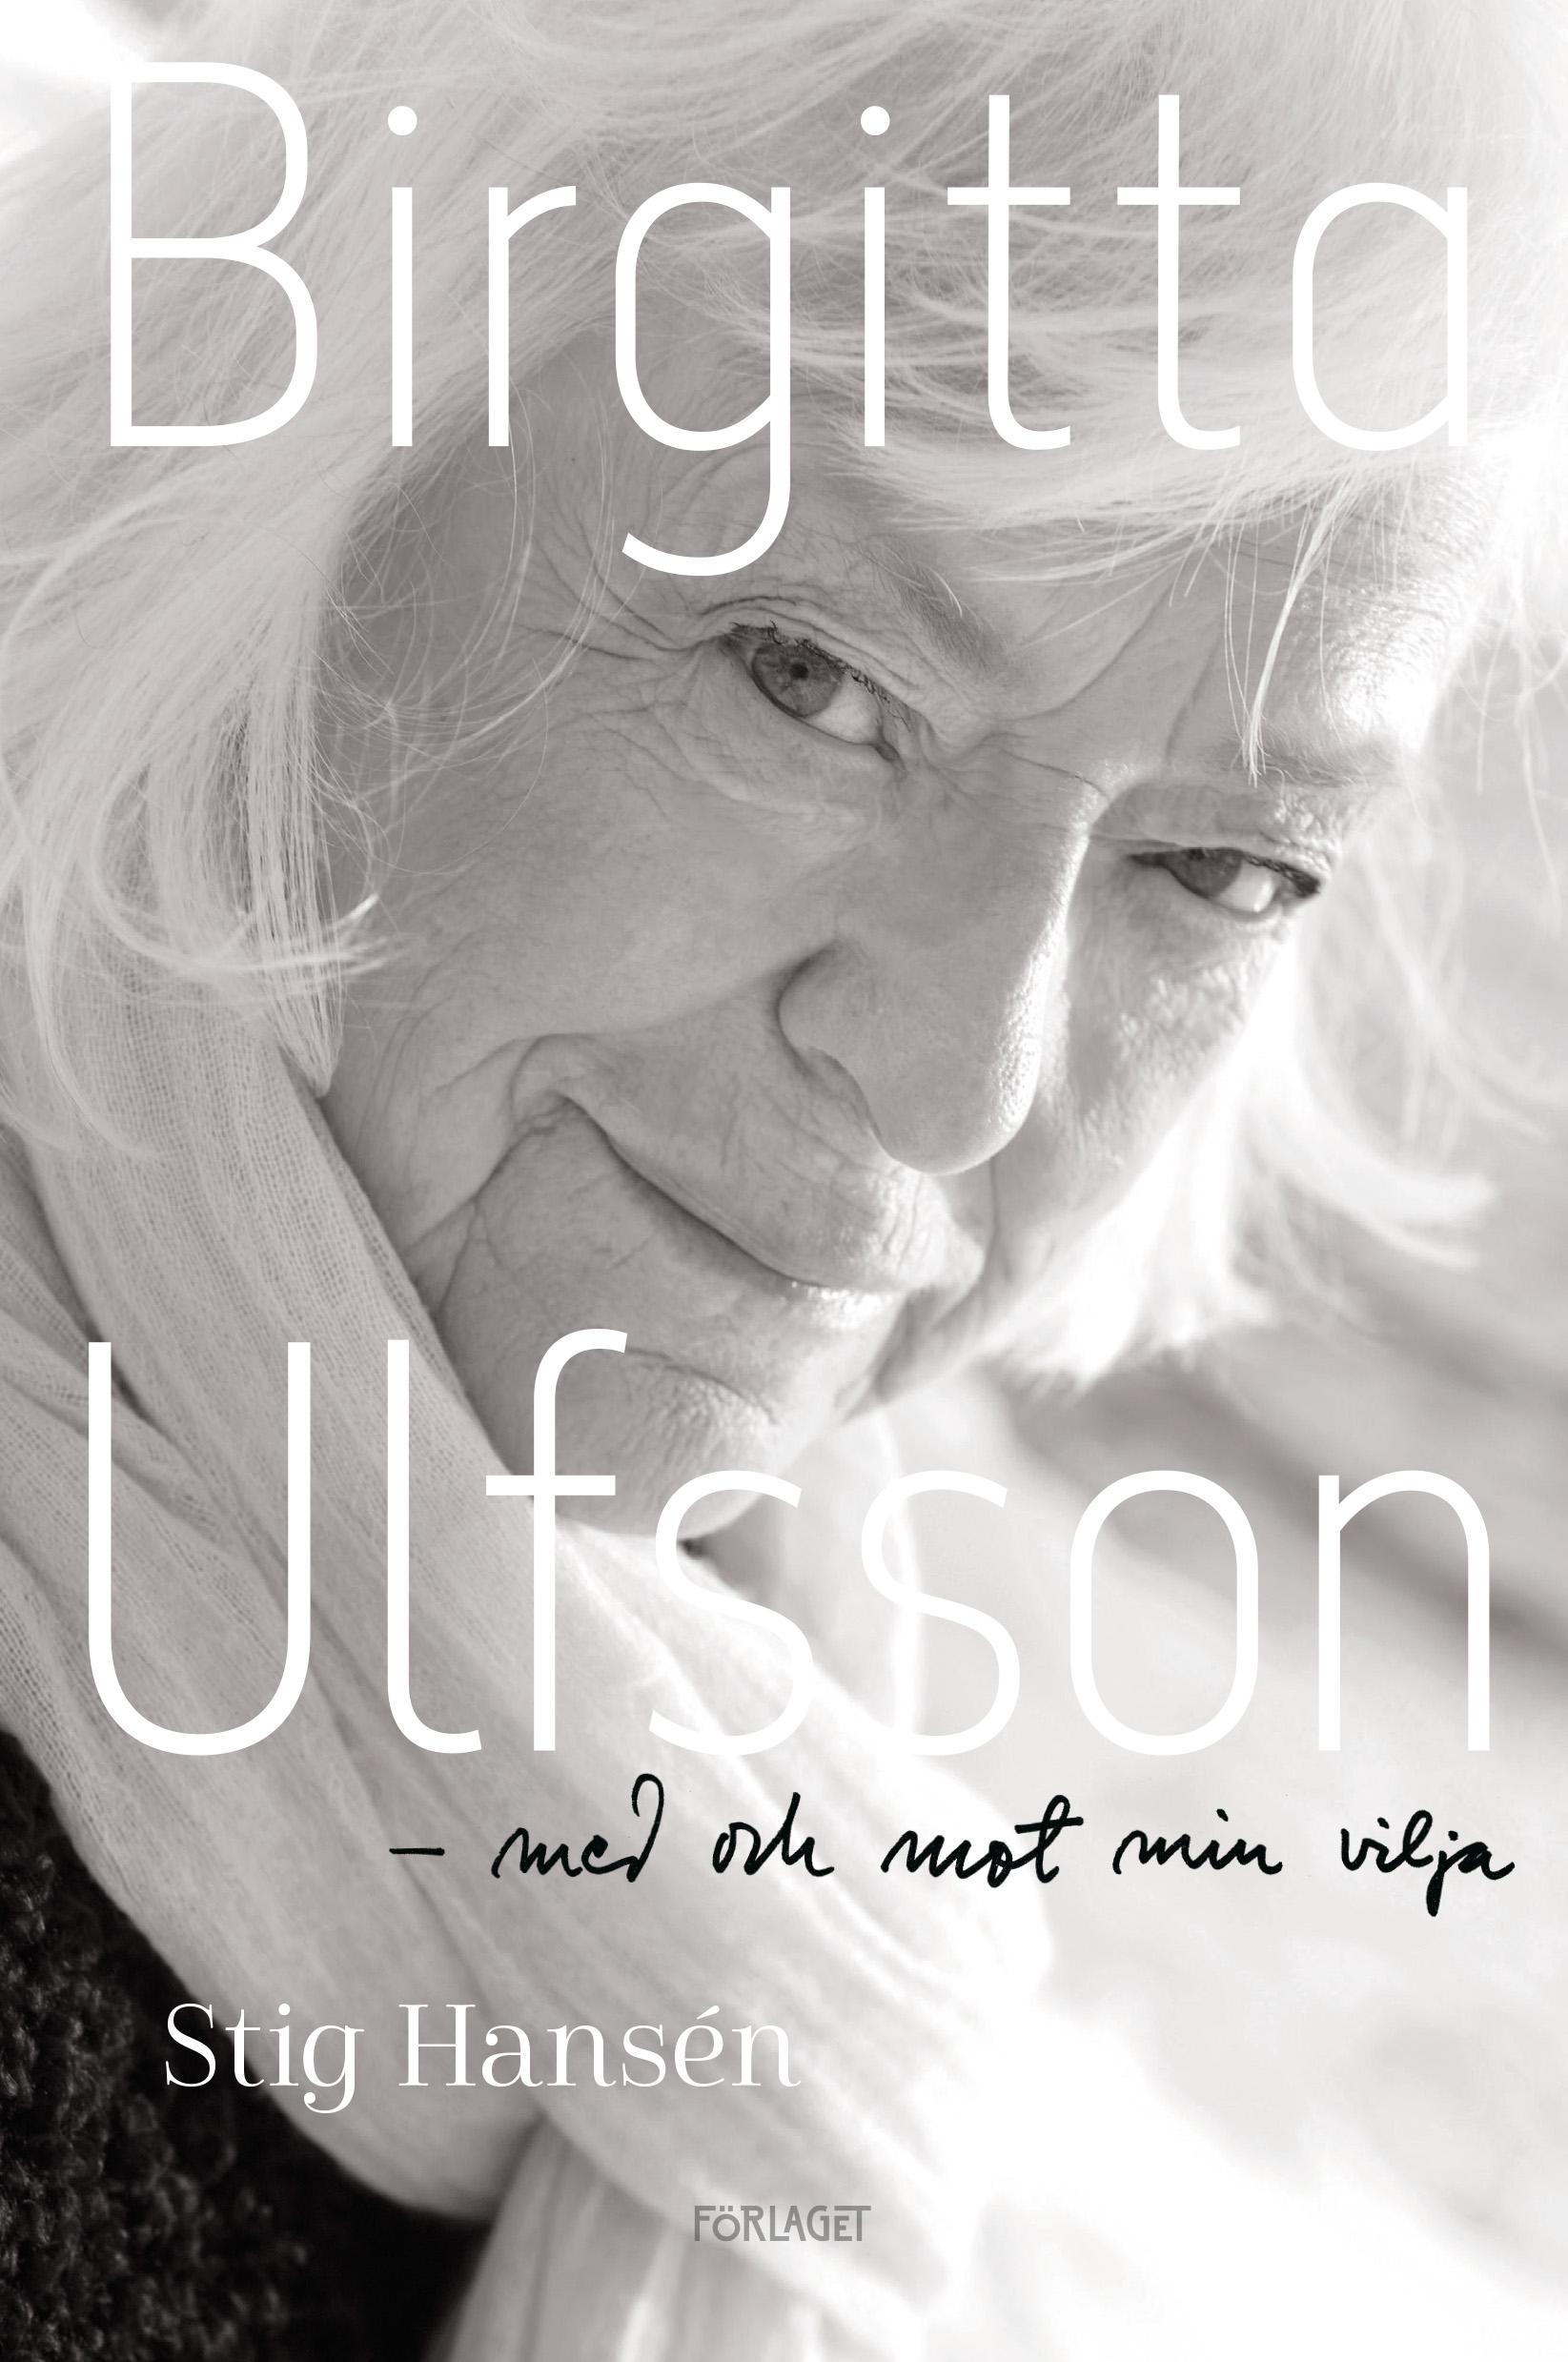 Stig Hansén, Birgitta Ulfsson: Med och mot min vilja